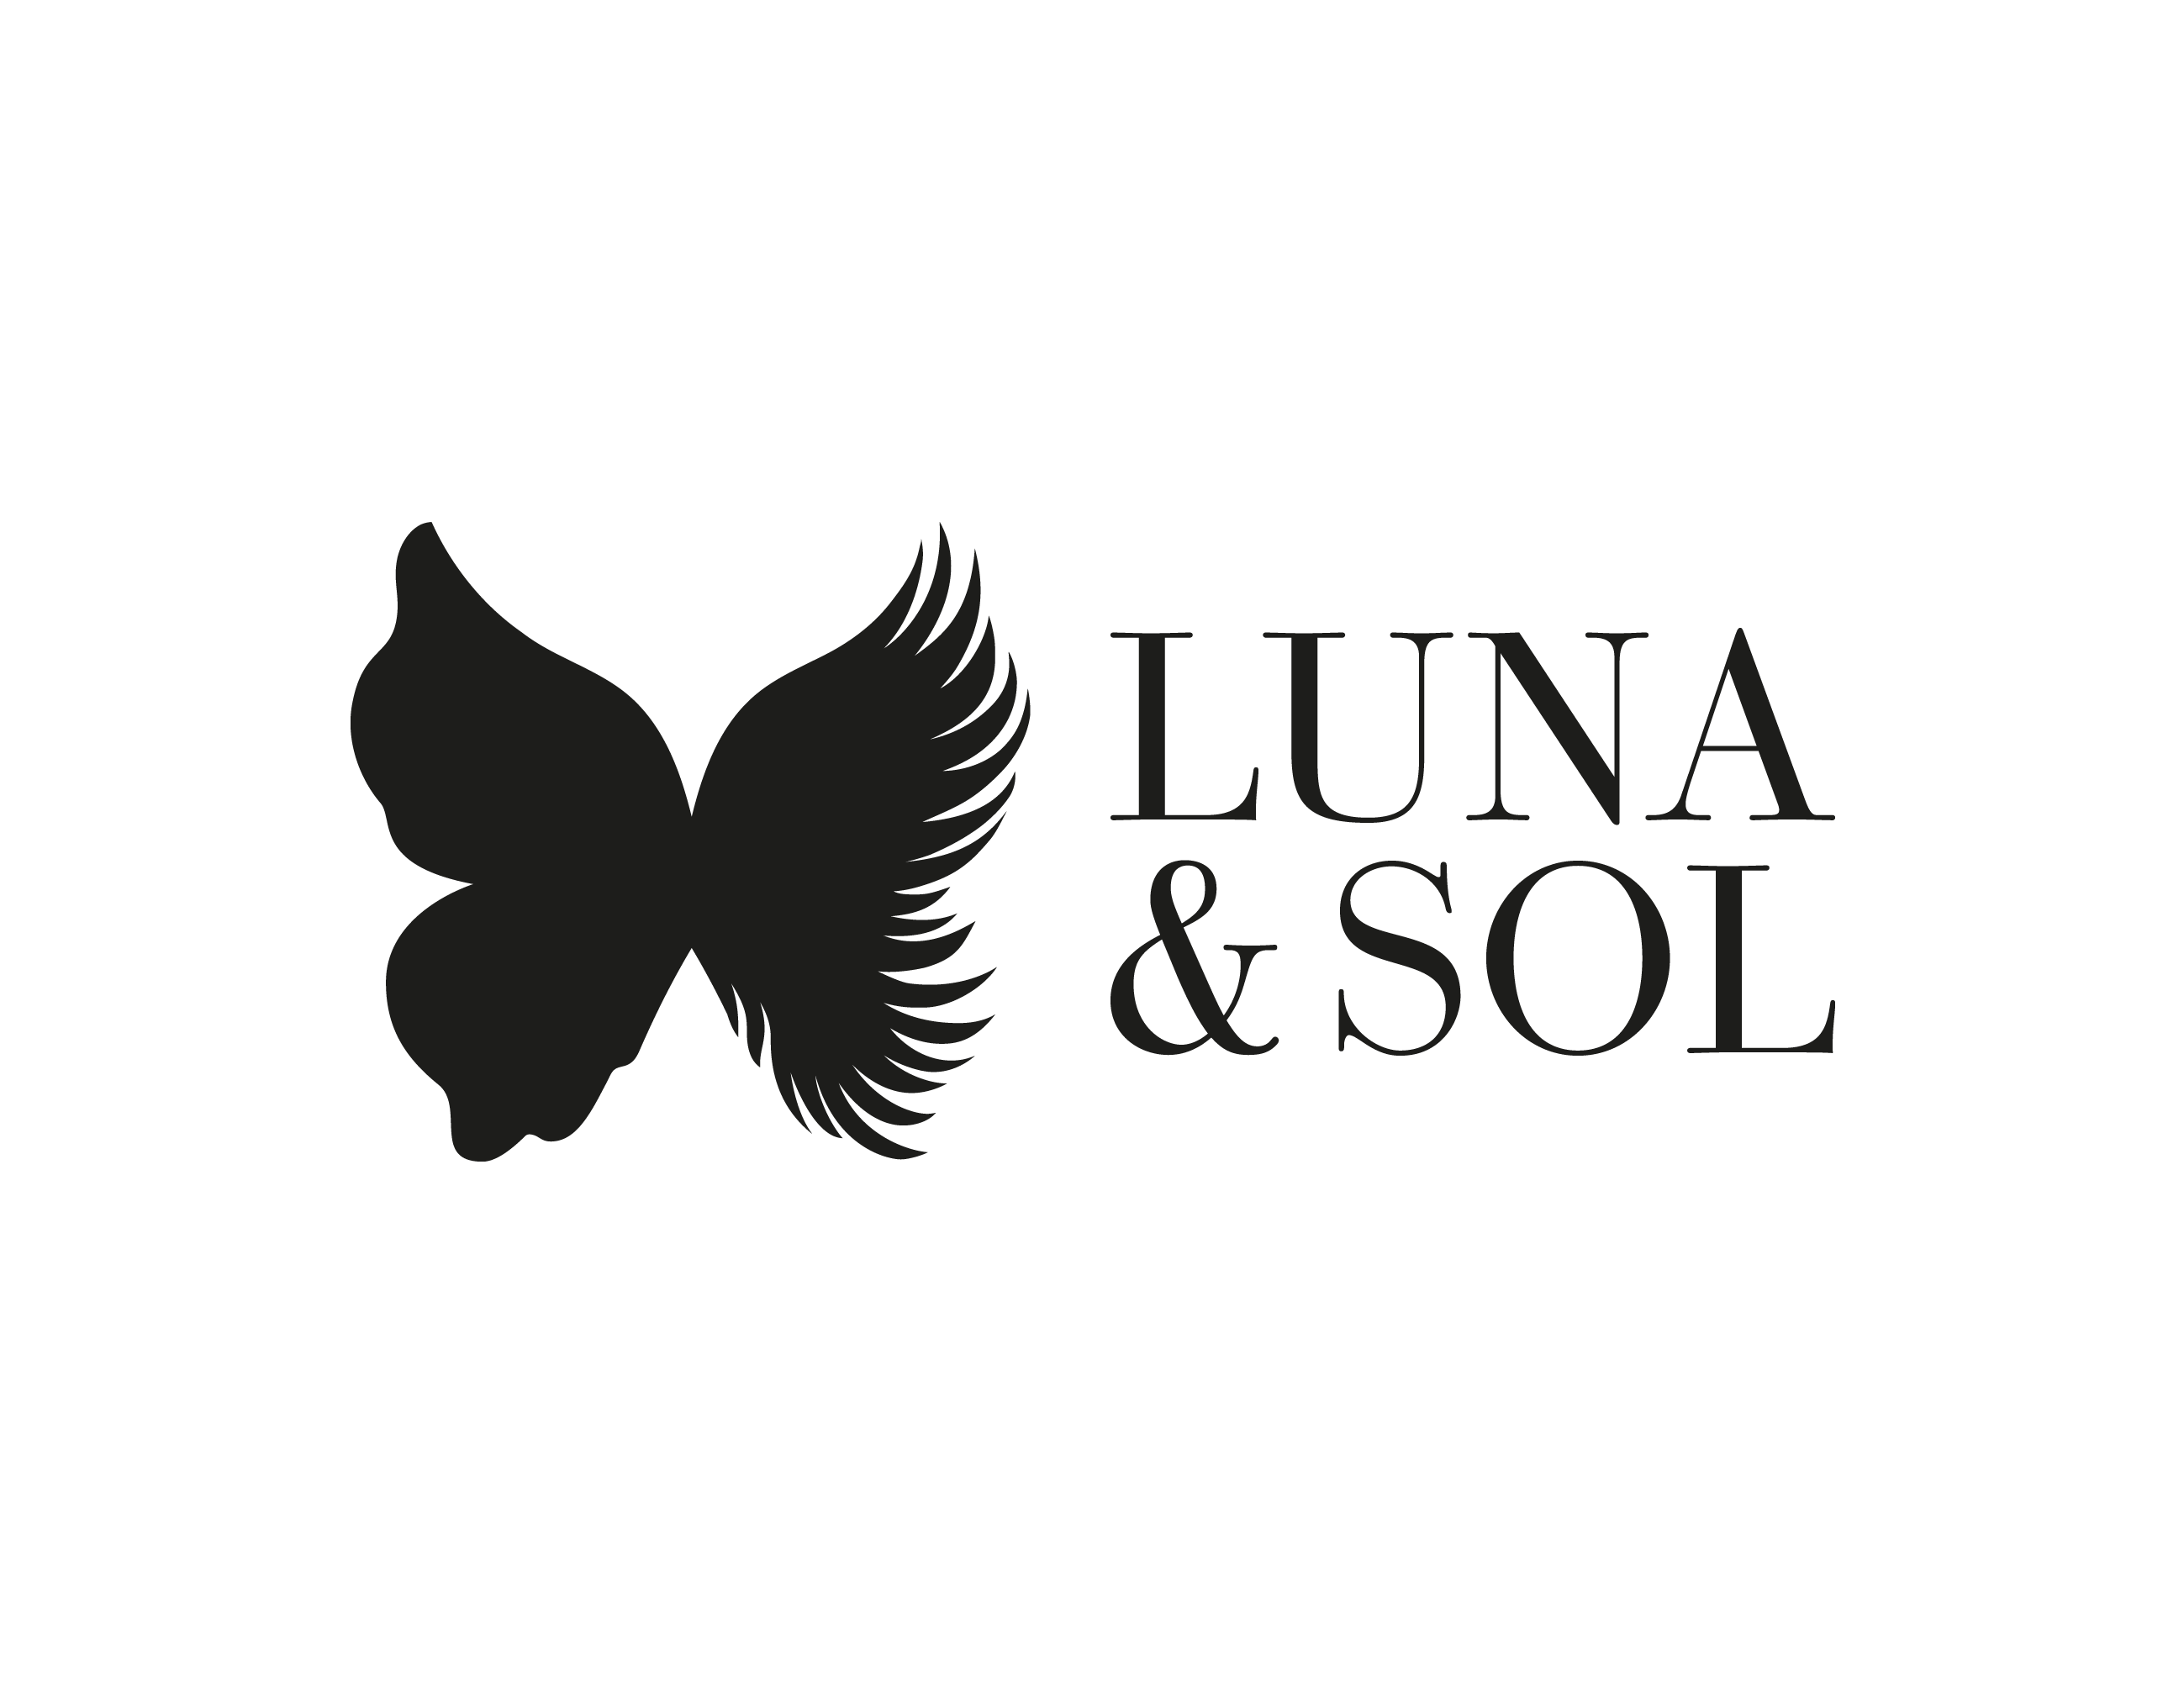 Luna & Sol